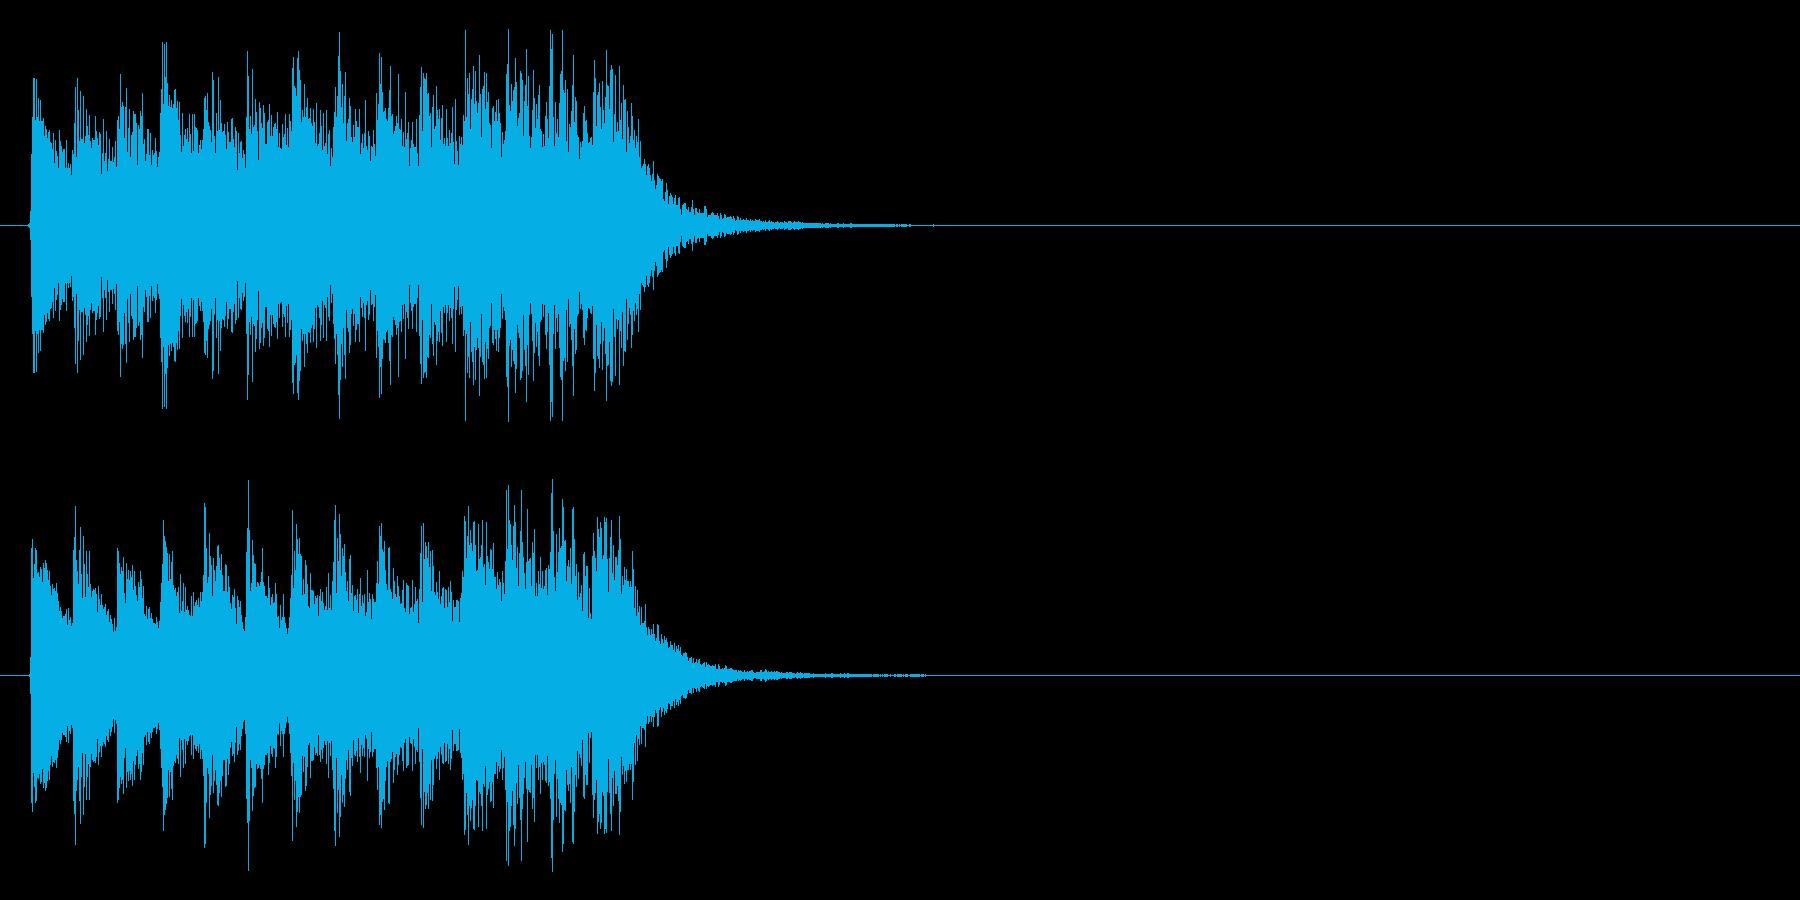 ピアノジングル2、緊迫、映像の再生済みの波形